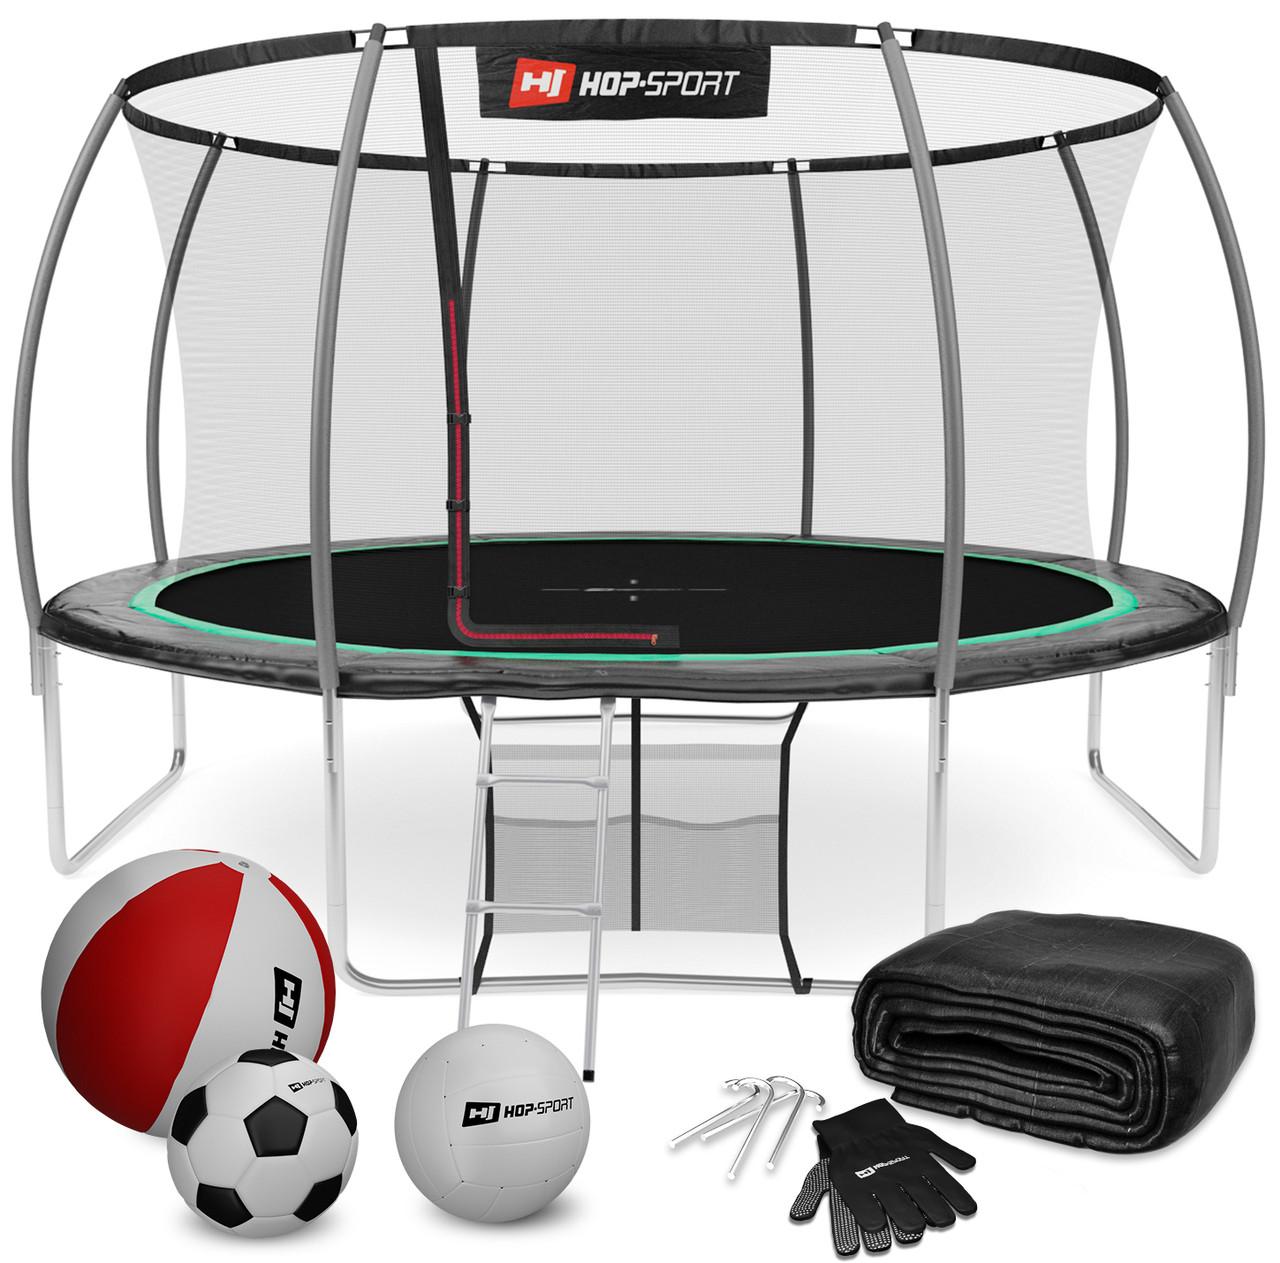 Батут для прыжков с внутренней сеткой 427 см 3 ноги черный с зеленым Hop-Sport Premium 14ft (427cm)